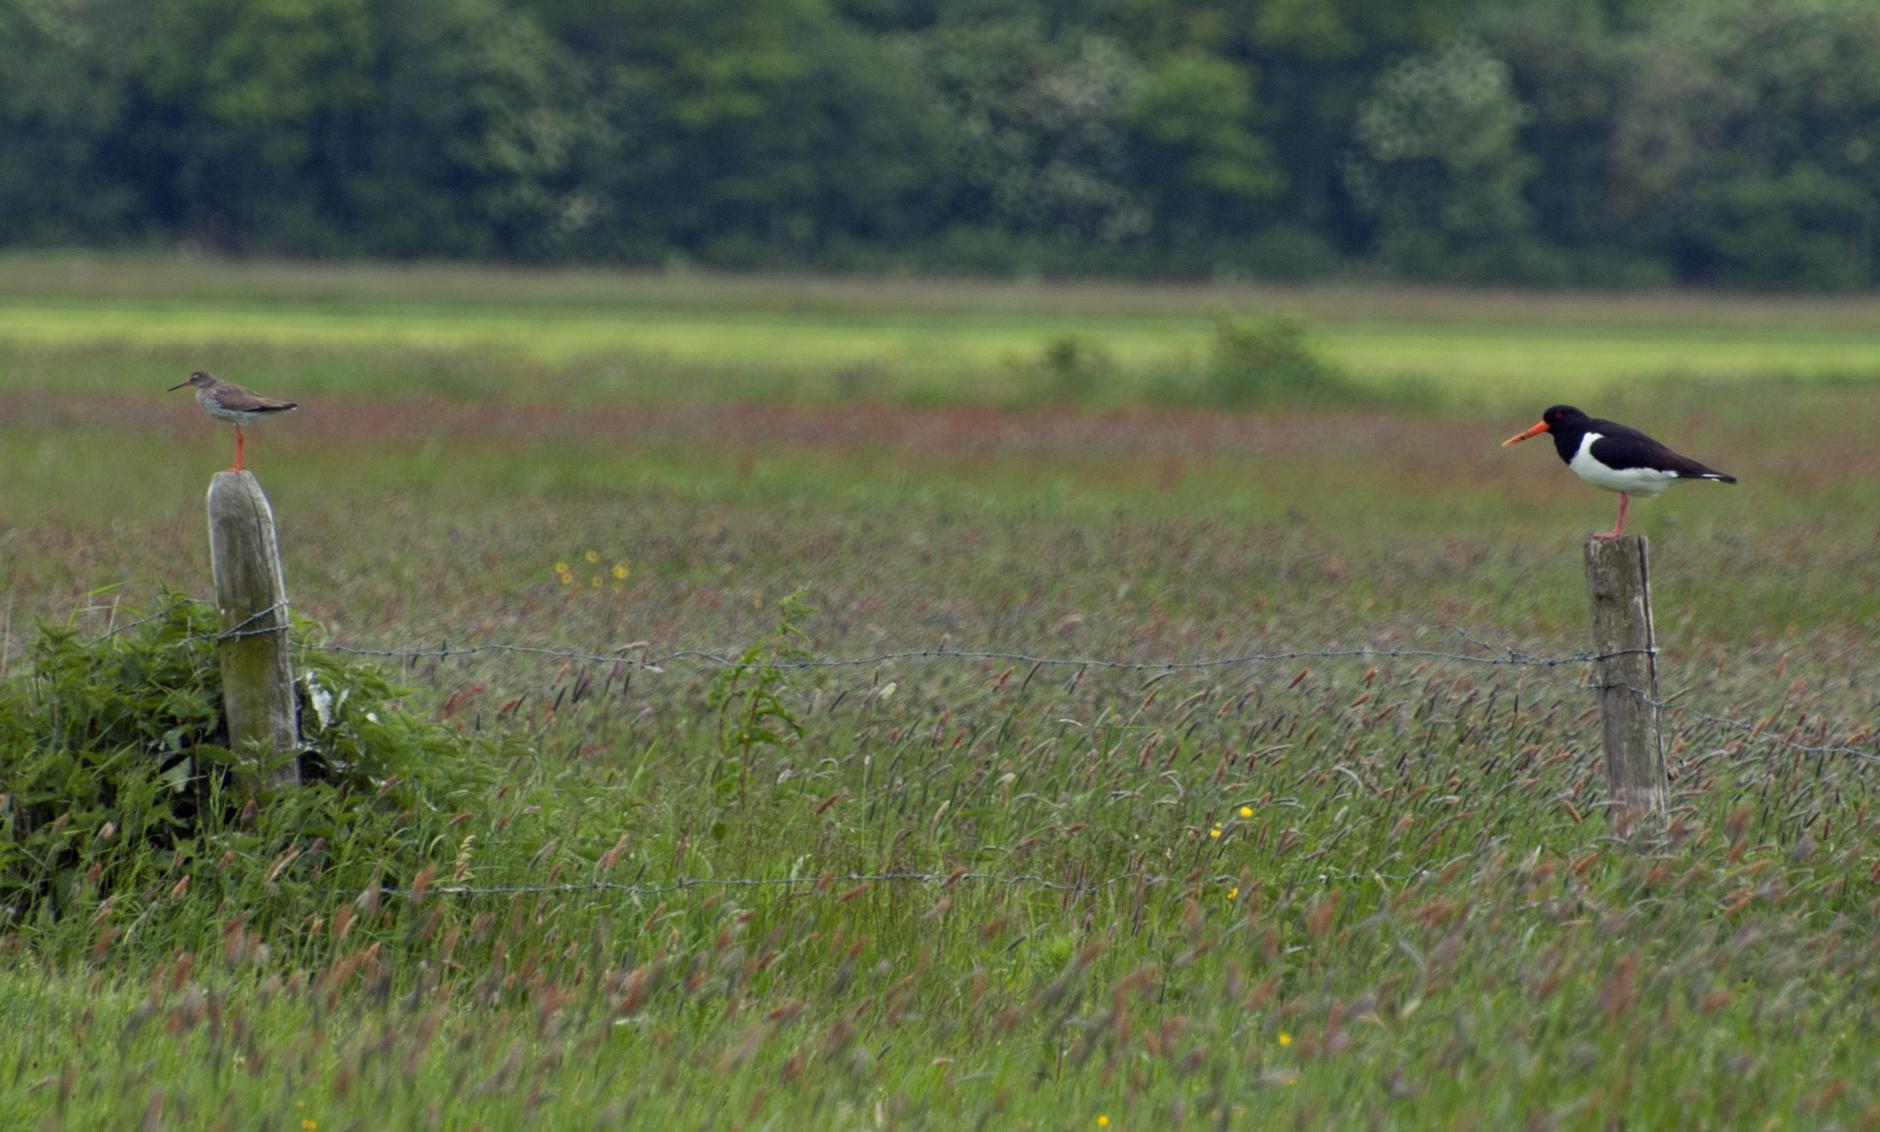 De weidevogels zullen al op korte termijn profiteren van een hoger waterpeil. Foto: tureluur en scholekster in de polder. Jenny van Leeuwen